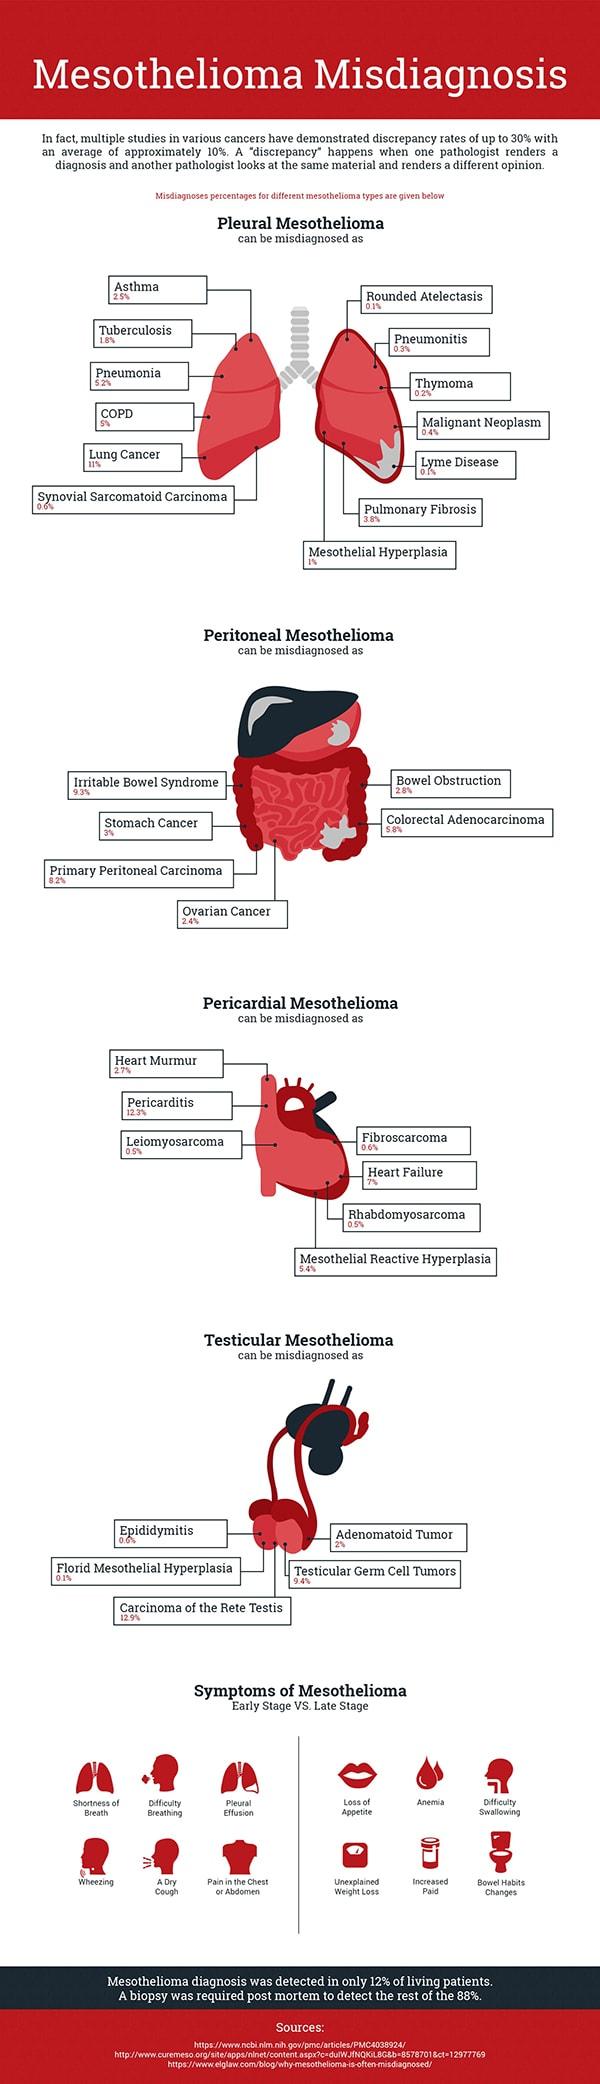 Misdiagnosis Mesothelioma